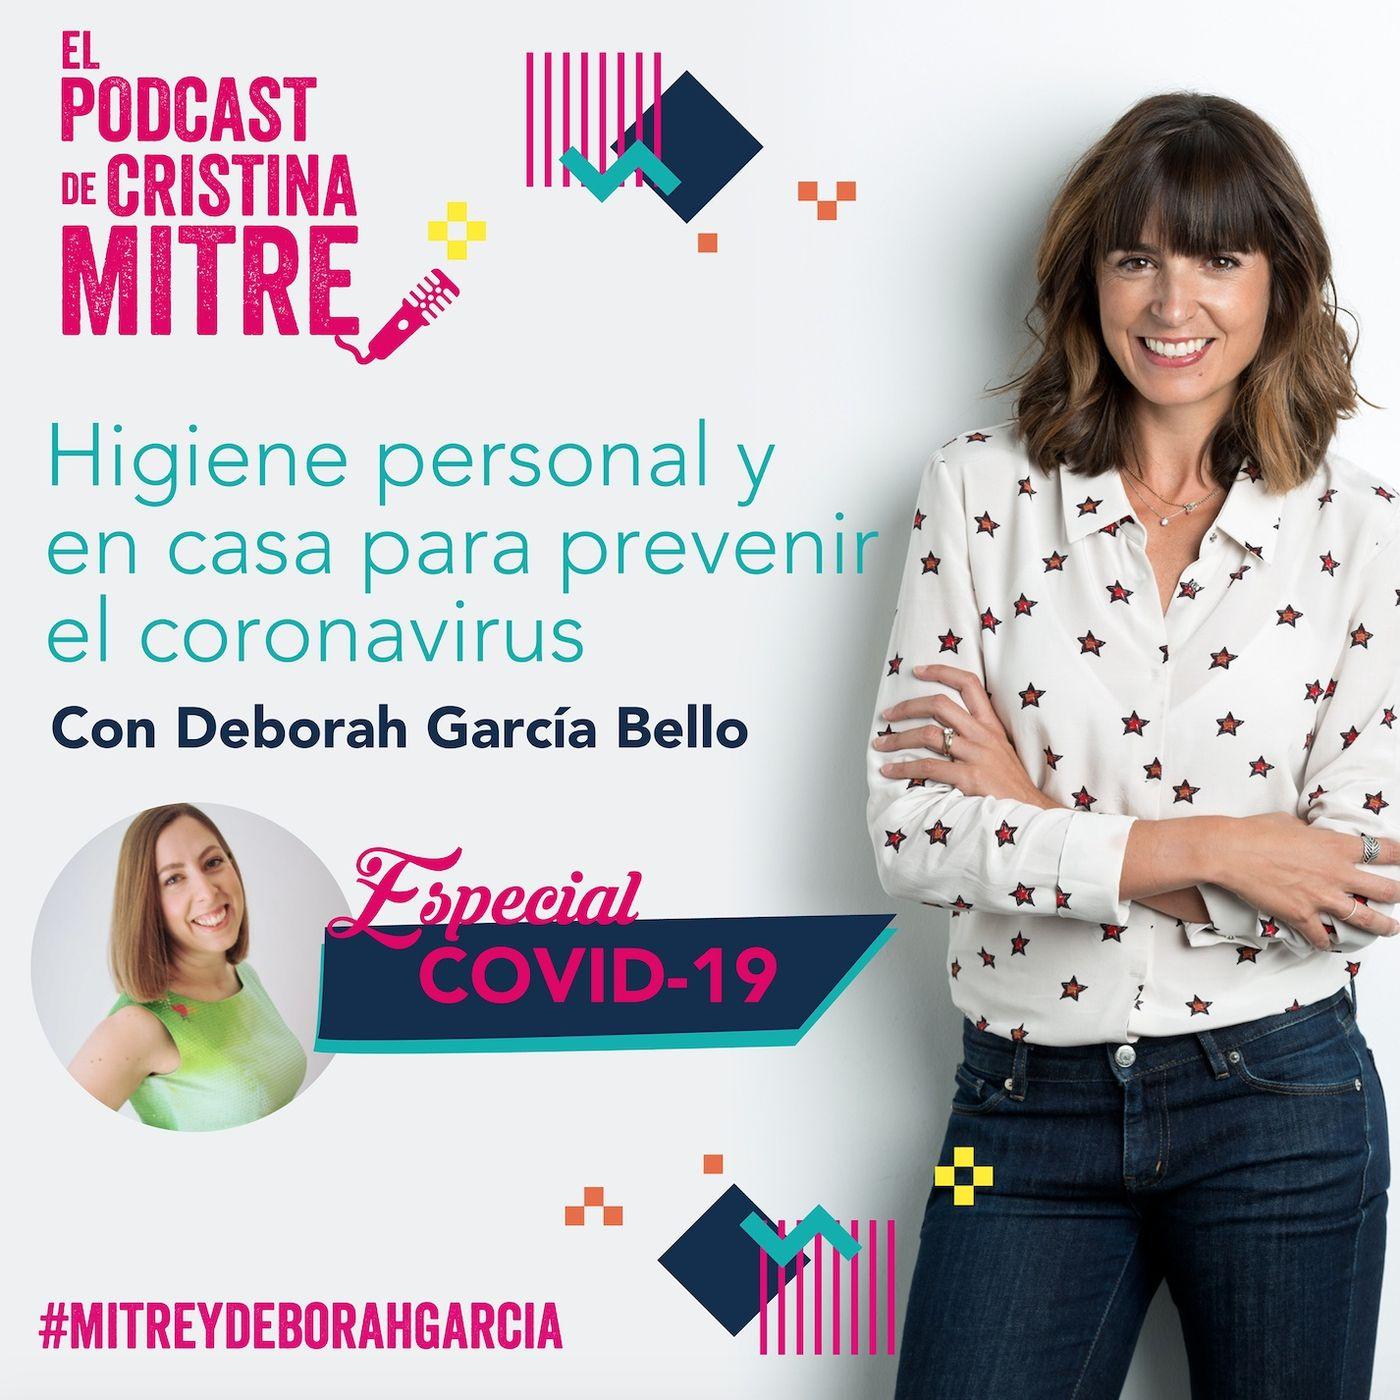 Higiene personal y en casa con Deborah Garcia Bello. Especial COVID-19